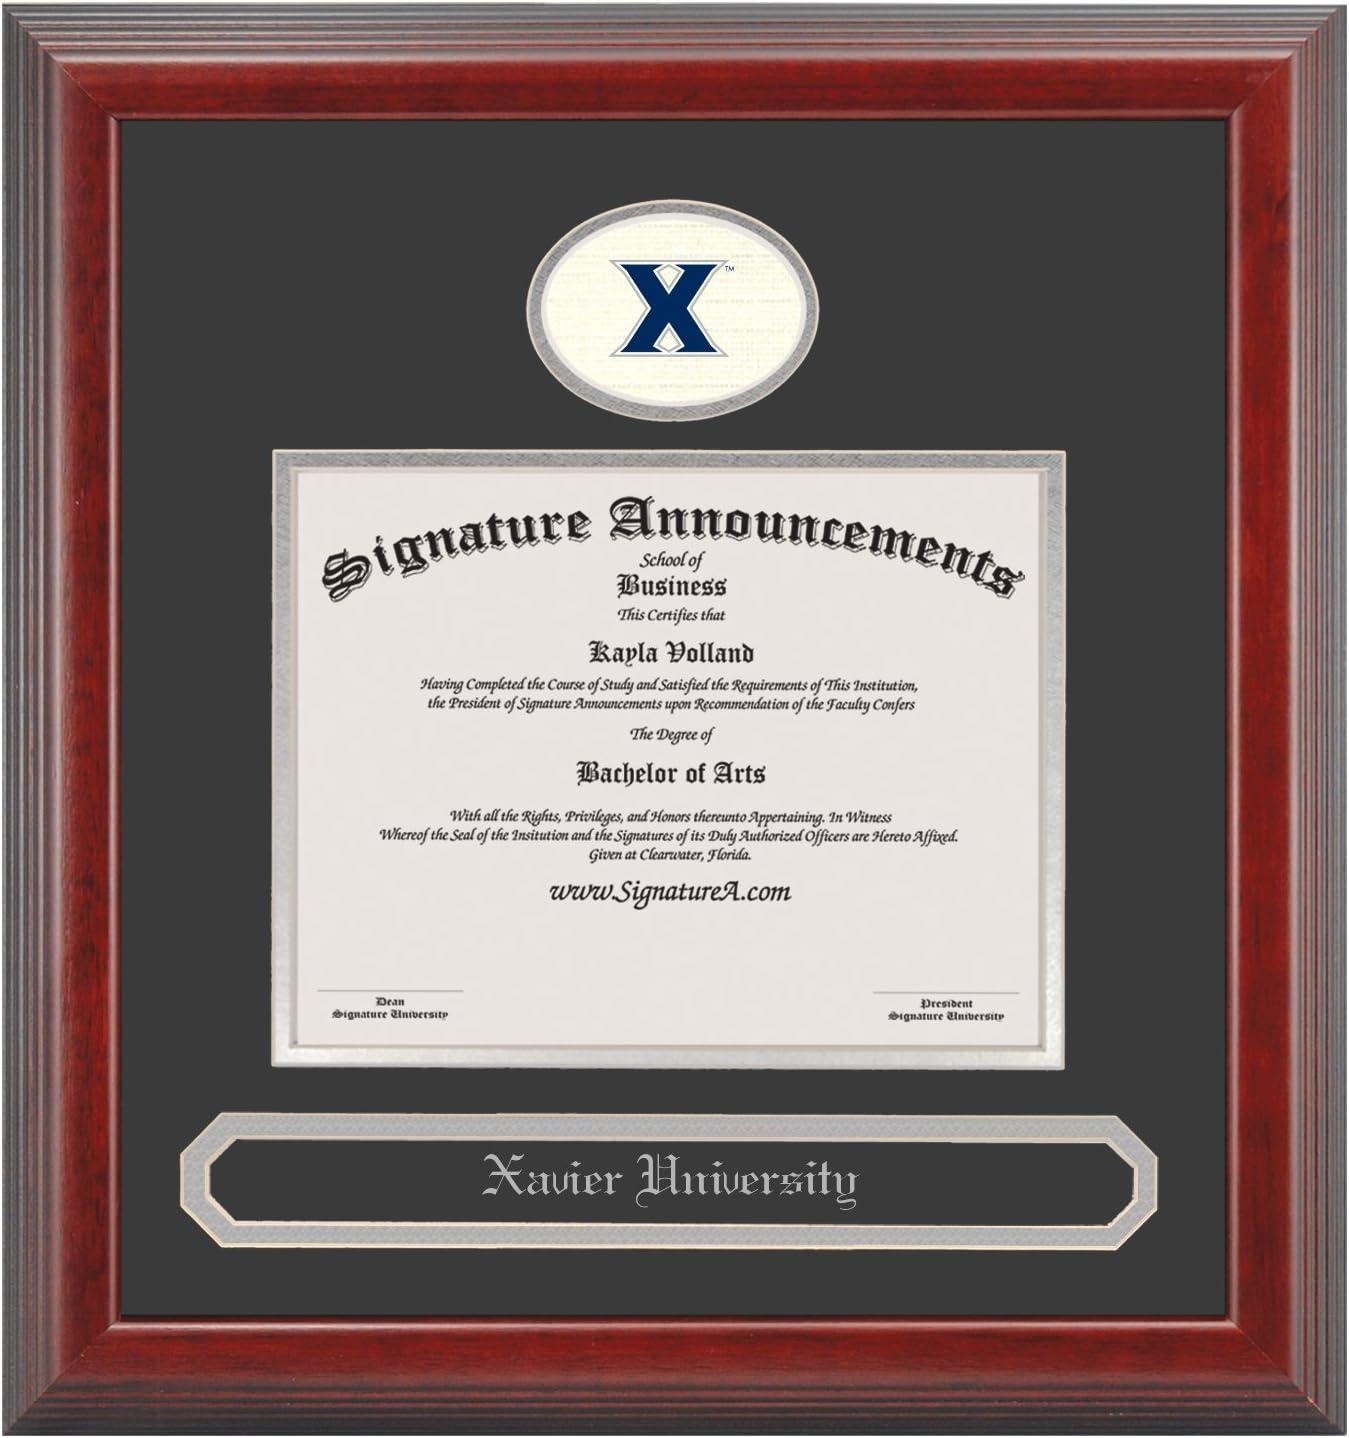 Signature Announcements Xavier-University Max Max 65% OFF 81% OFF Profess Undergraduate